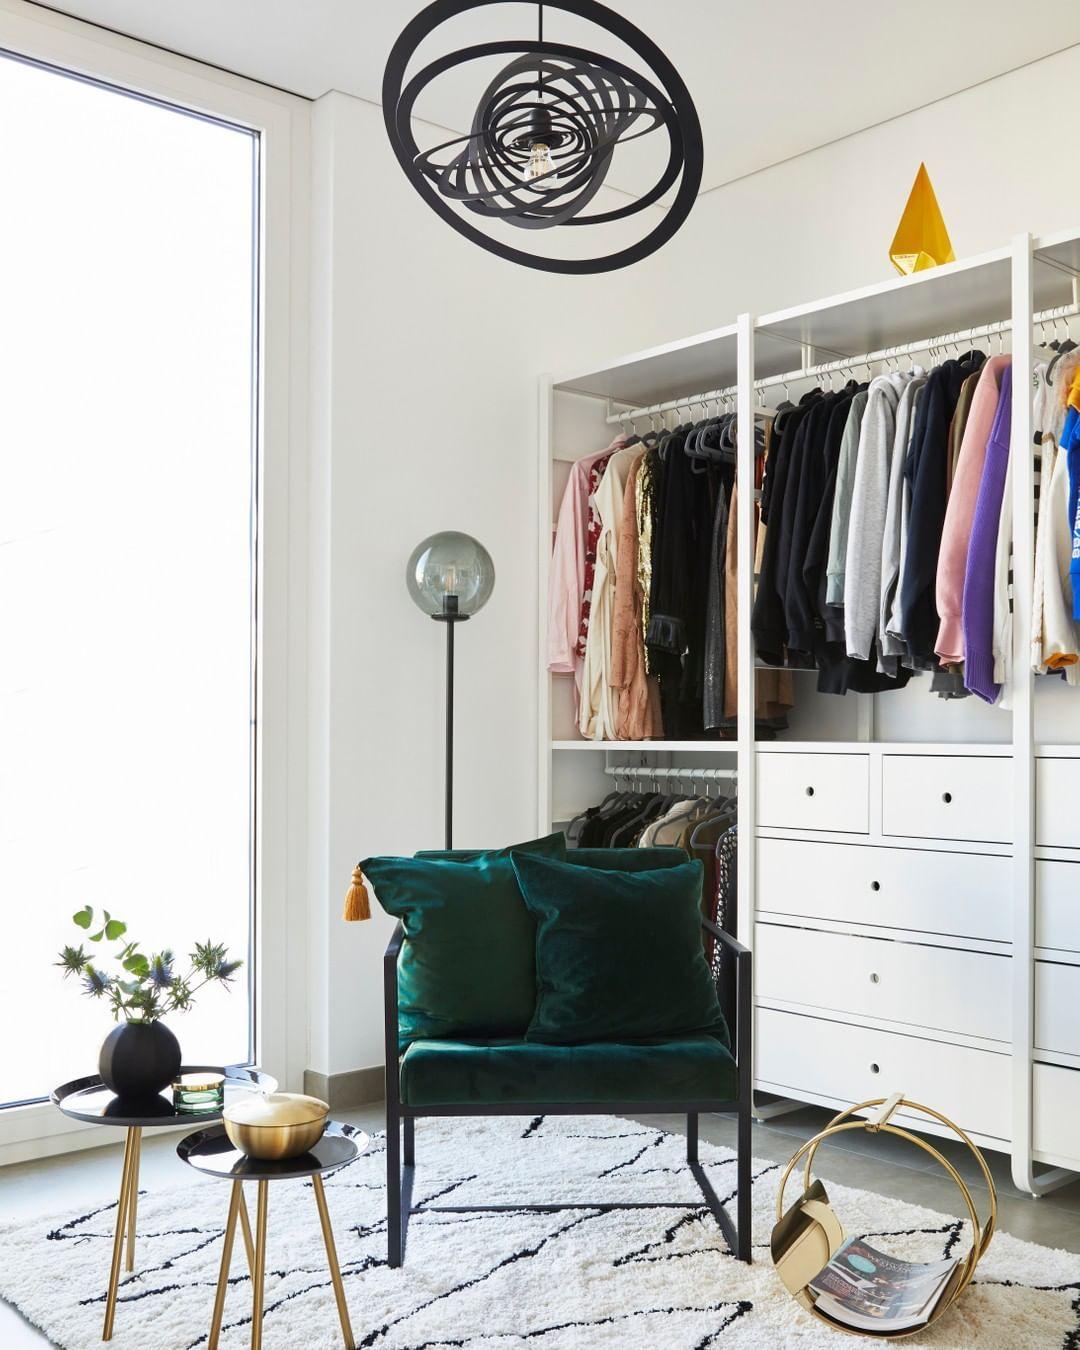 Westwing Deutschland On Instagram Wir Alle Kennen Ihn Den Einen Stuhl Im Schlafzimmer Diese In 2020 Kleines Wohnzimmer Dekor Ankleidezimmer Design Haus Deko